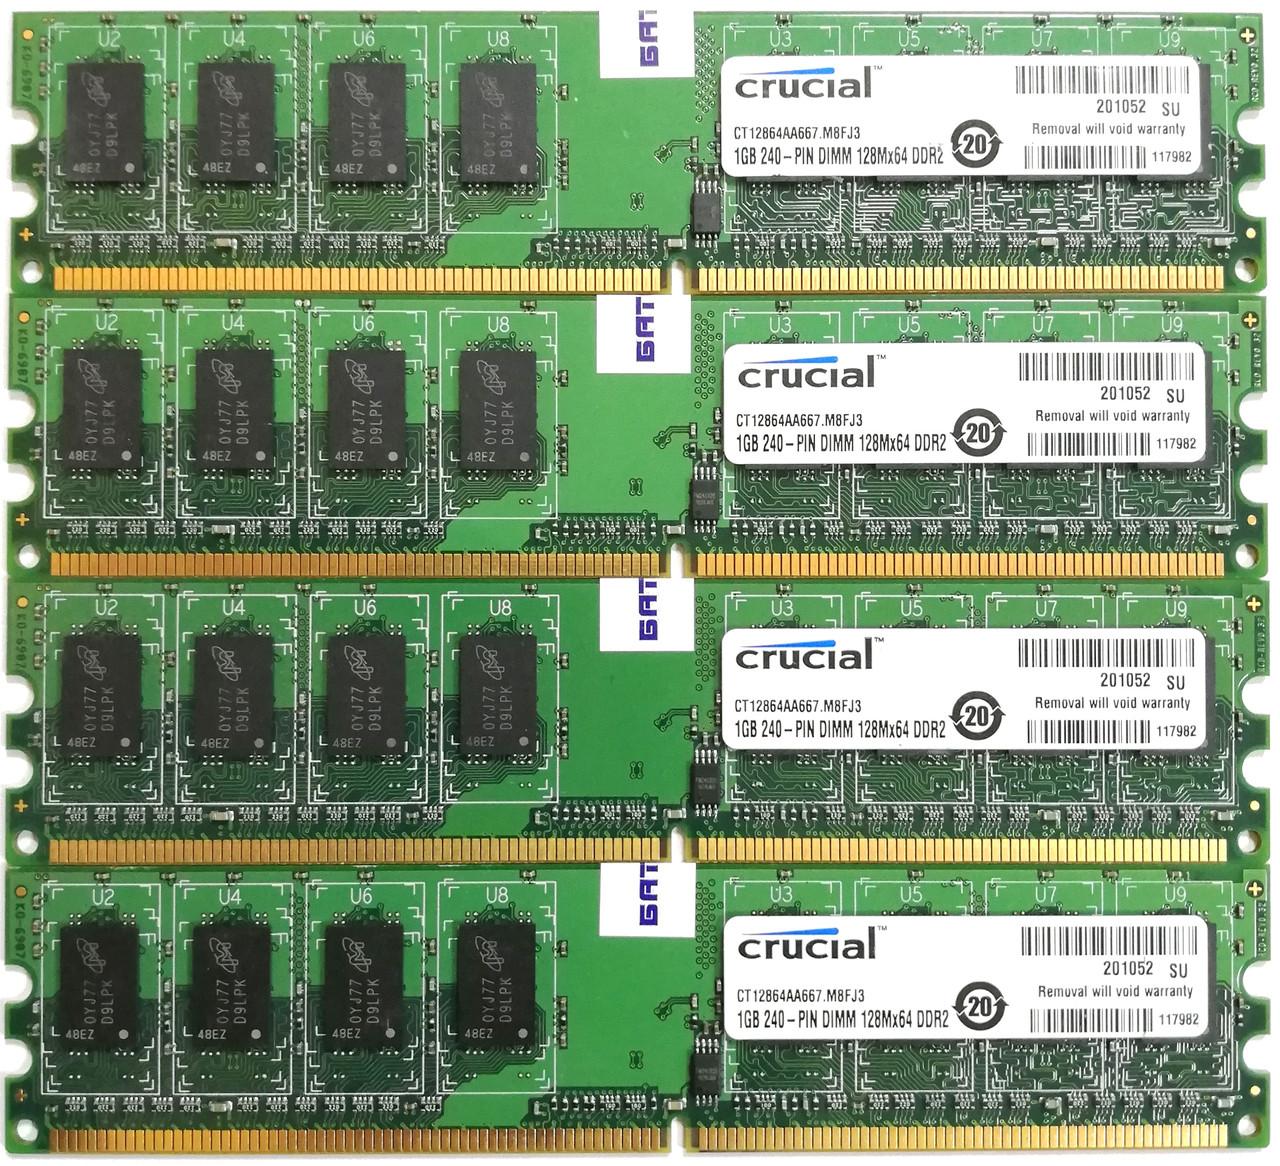 Комплект оперативной памяти Crucial DDR2 4Gb (4*1Gb) 667MHz PC2 5300U 1R8 CL5 (CT12864AA667.M8FJ3) Б/У